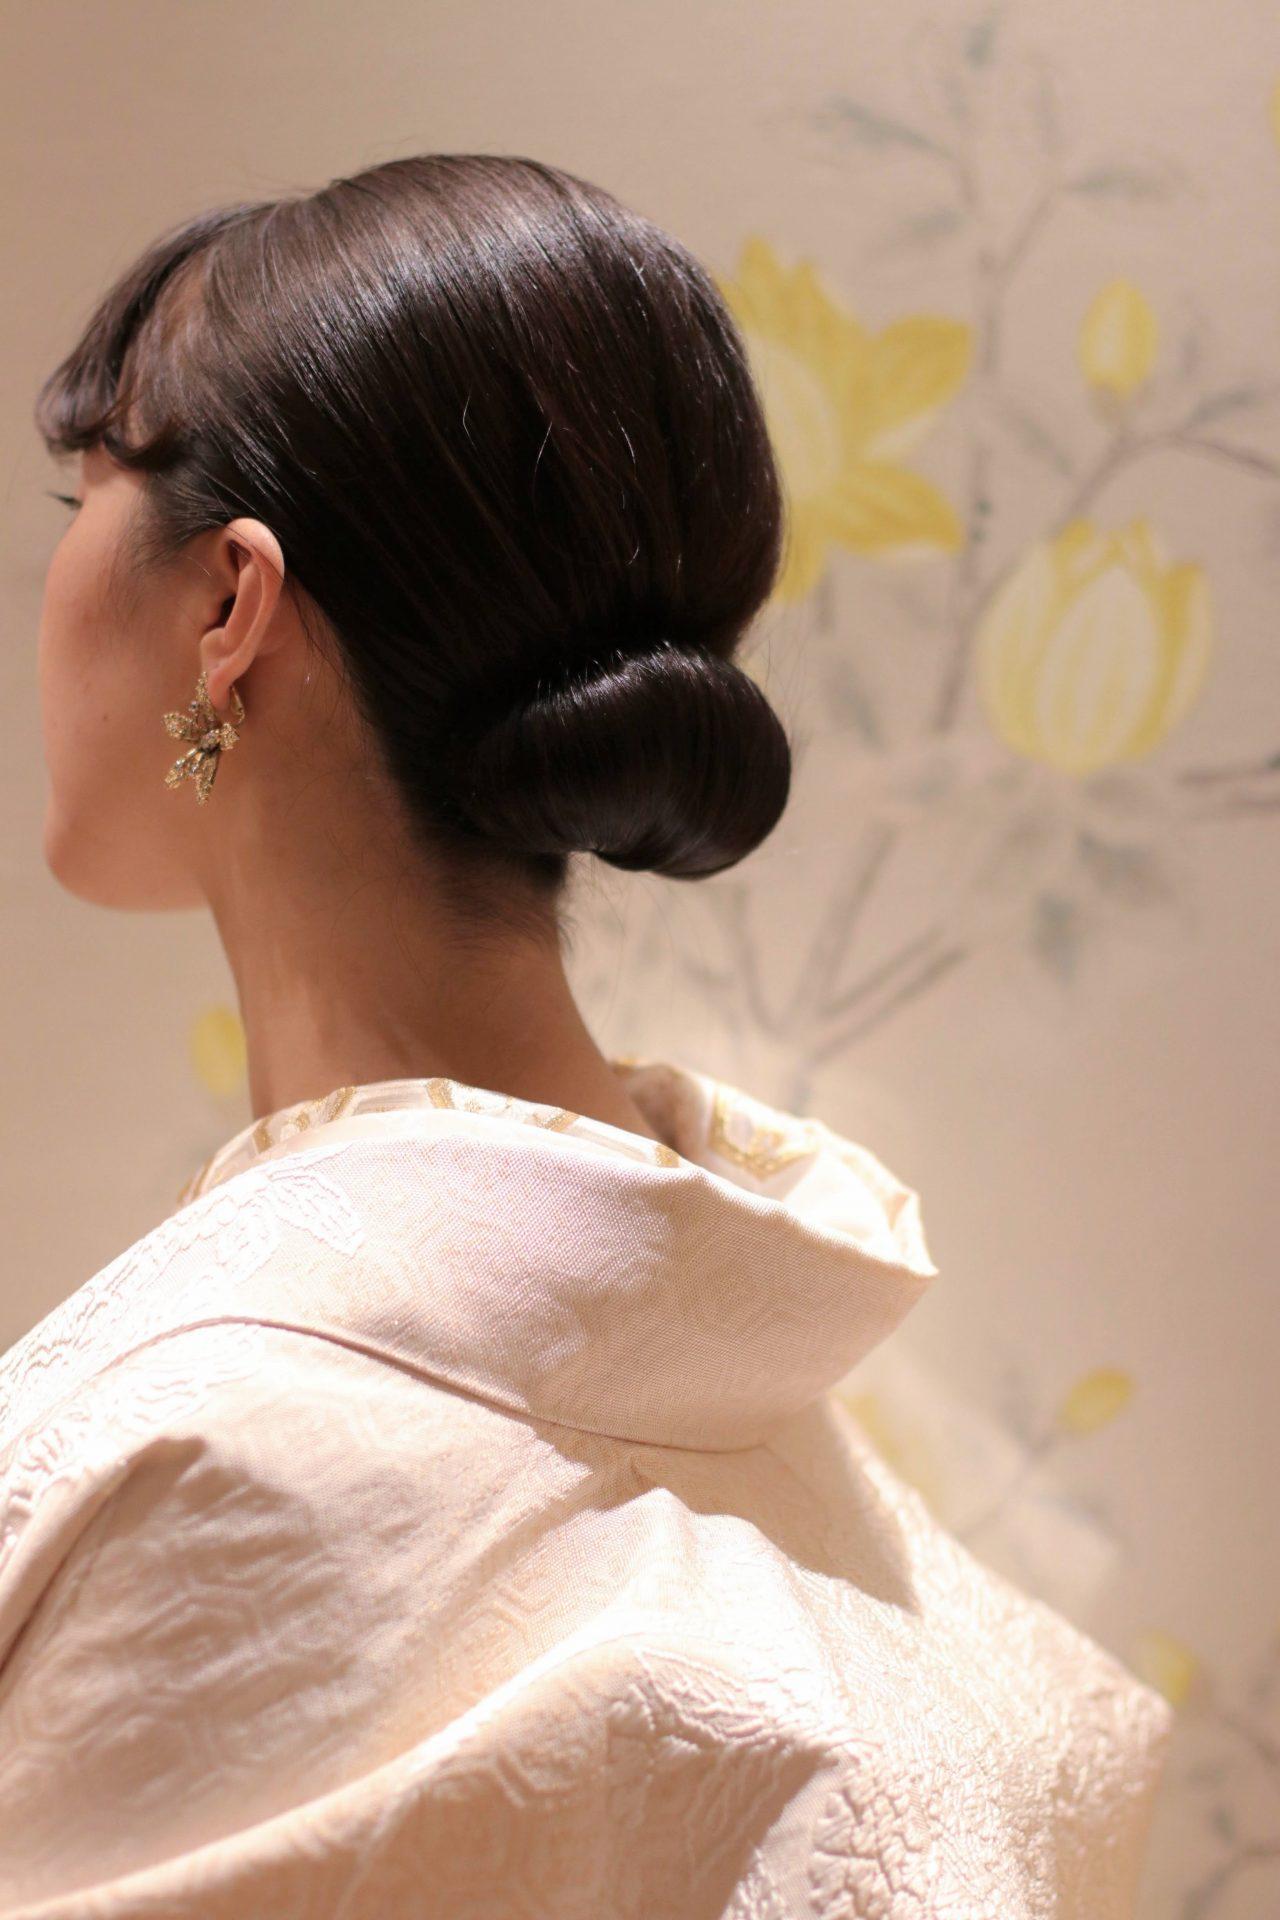 東京の人気結婚式会場であり人気レストランの赤坂プリンスクラシックハウスと提携しているTHETREATDRESSING ADDITION店では春のガーデン式等アットホームな人前式にぴったりのモダンな和装をご用意しております